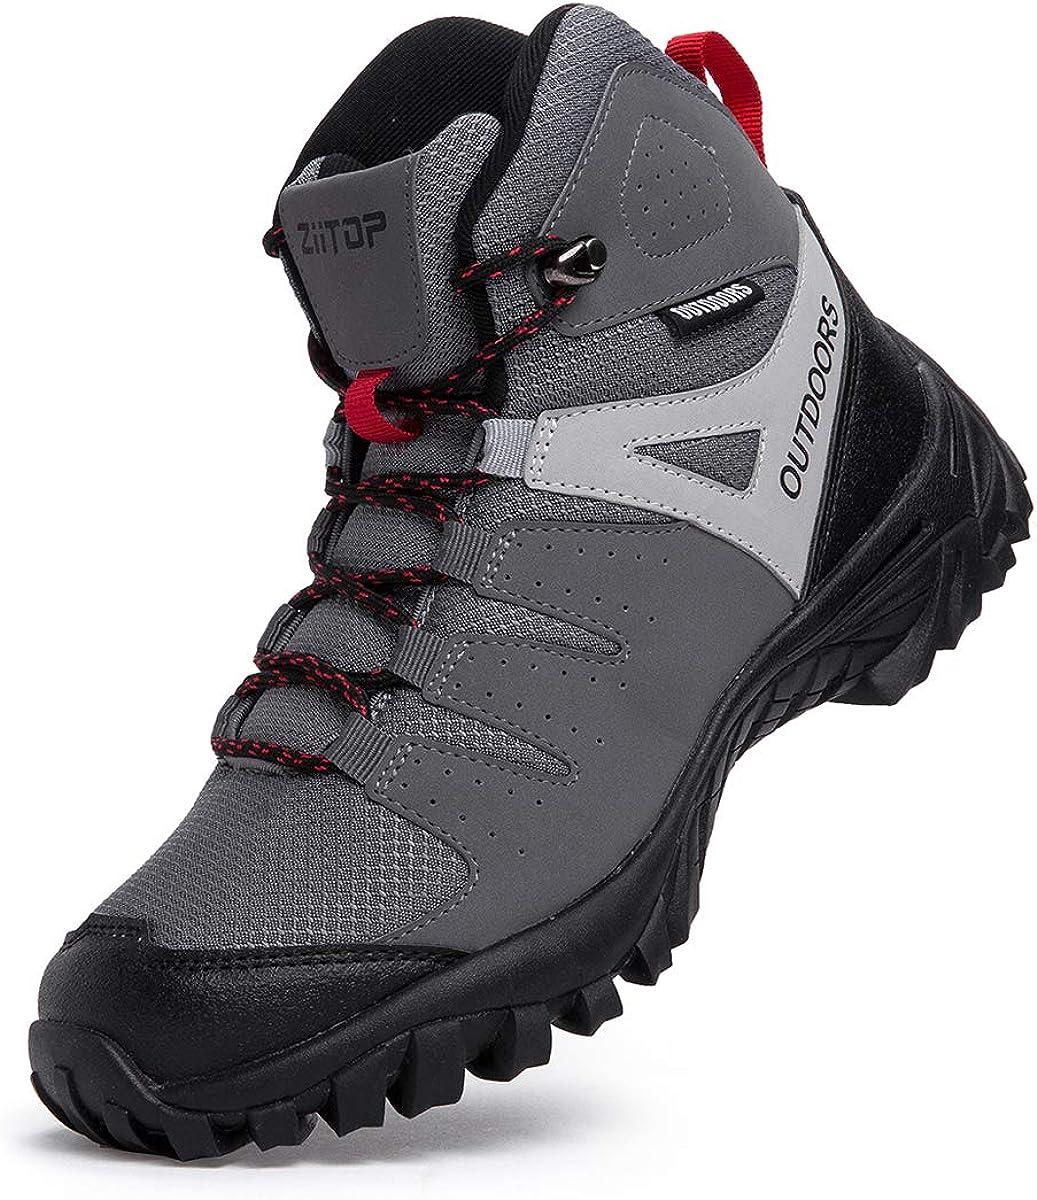 ziitop Chaussures de Randonn/ée Homme Bottes Tactiques pour Hommes Chaussures de randonn/ée et de Trekking /à Taille Haute 39-46 EU Noir Gris Bottes de randonn/ée